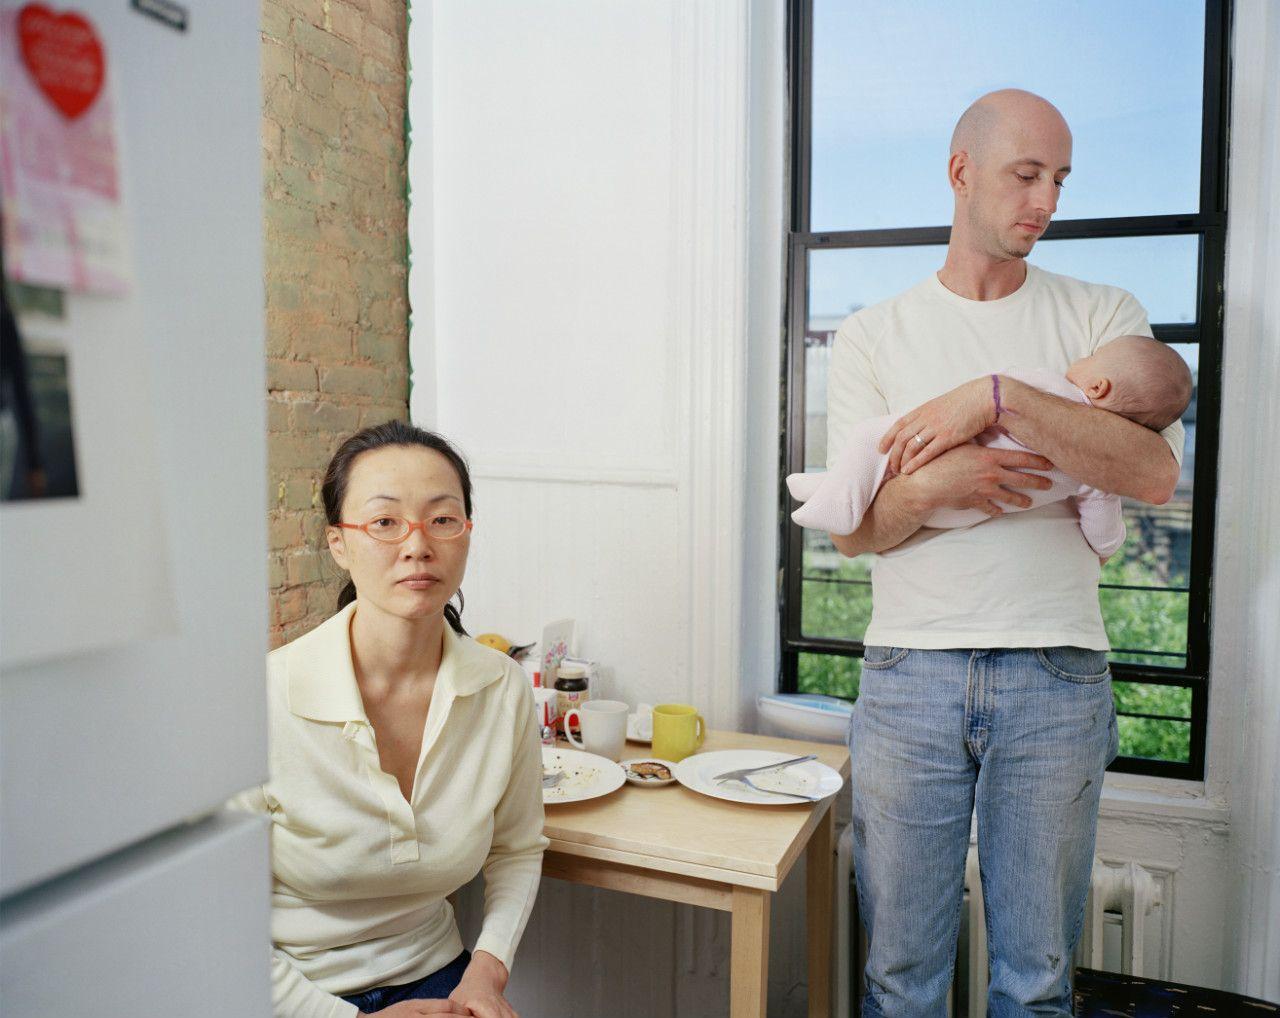 キム・オクソン《ヒロヨとマイケル 2 》 シリーズ〈ハッピー・トゥギャザー〉より 2004年 東京都写真美術館蔵 ©Oksun KIM